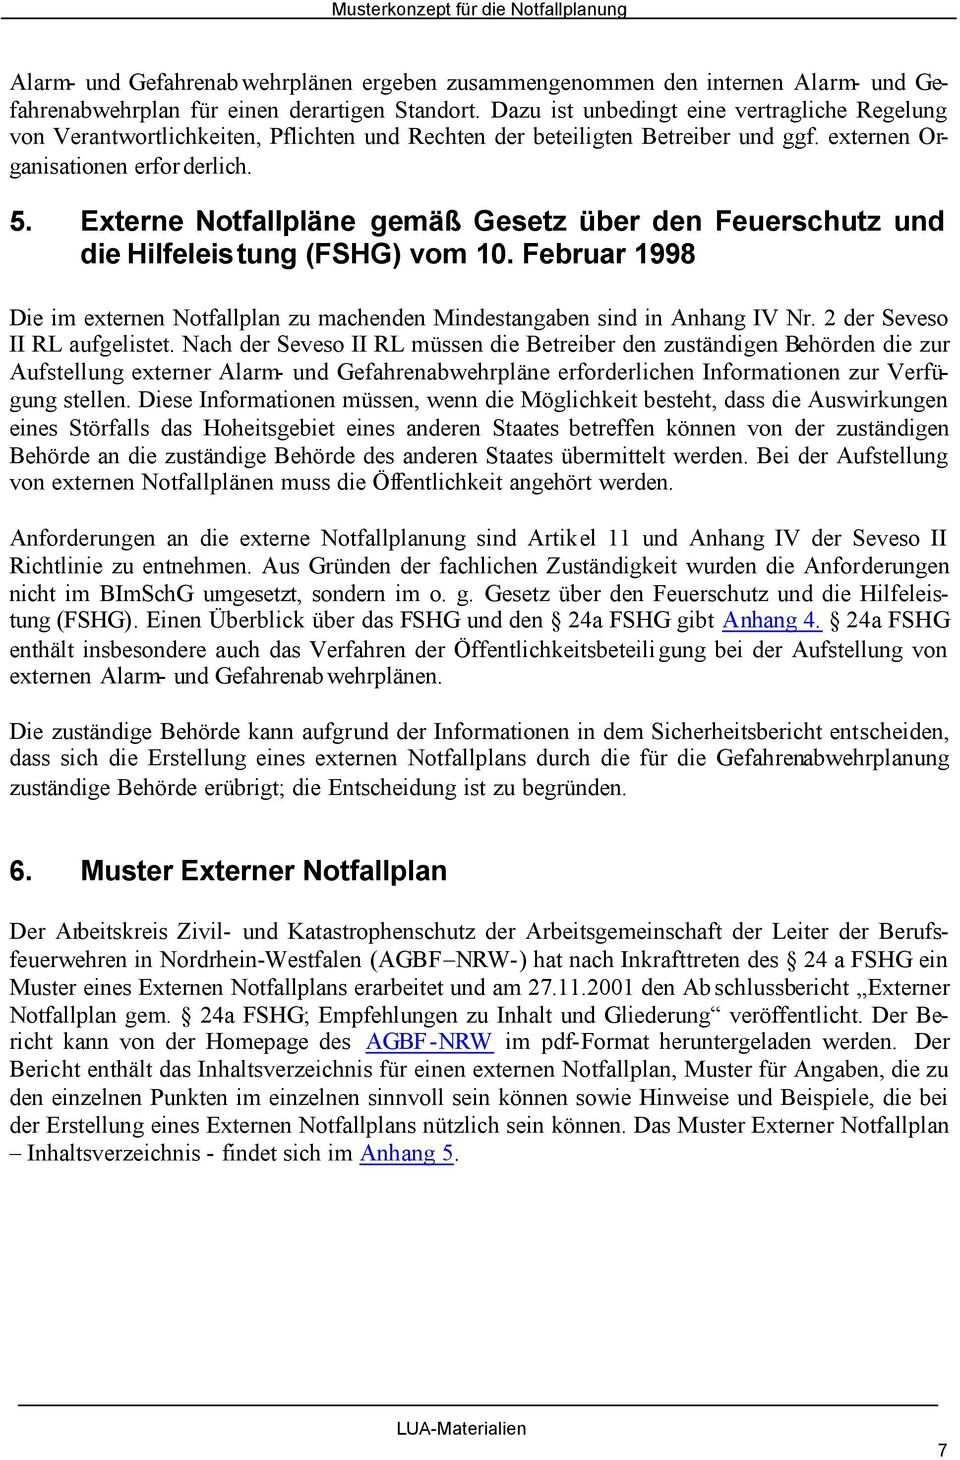 Musterkonzept Fur Die Notfallplanung Pdf Kostenfreier Download